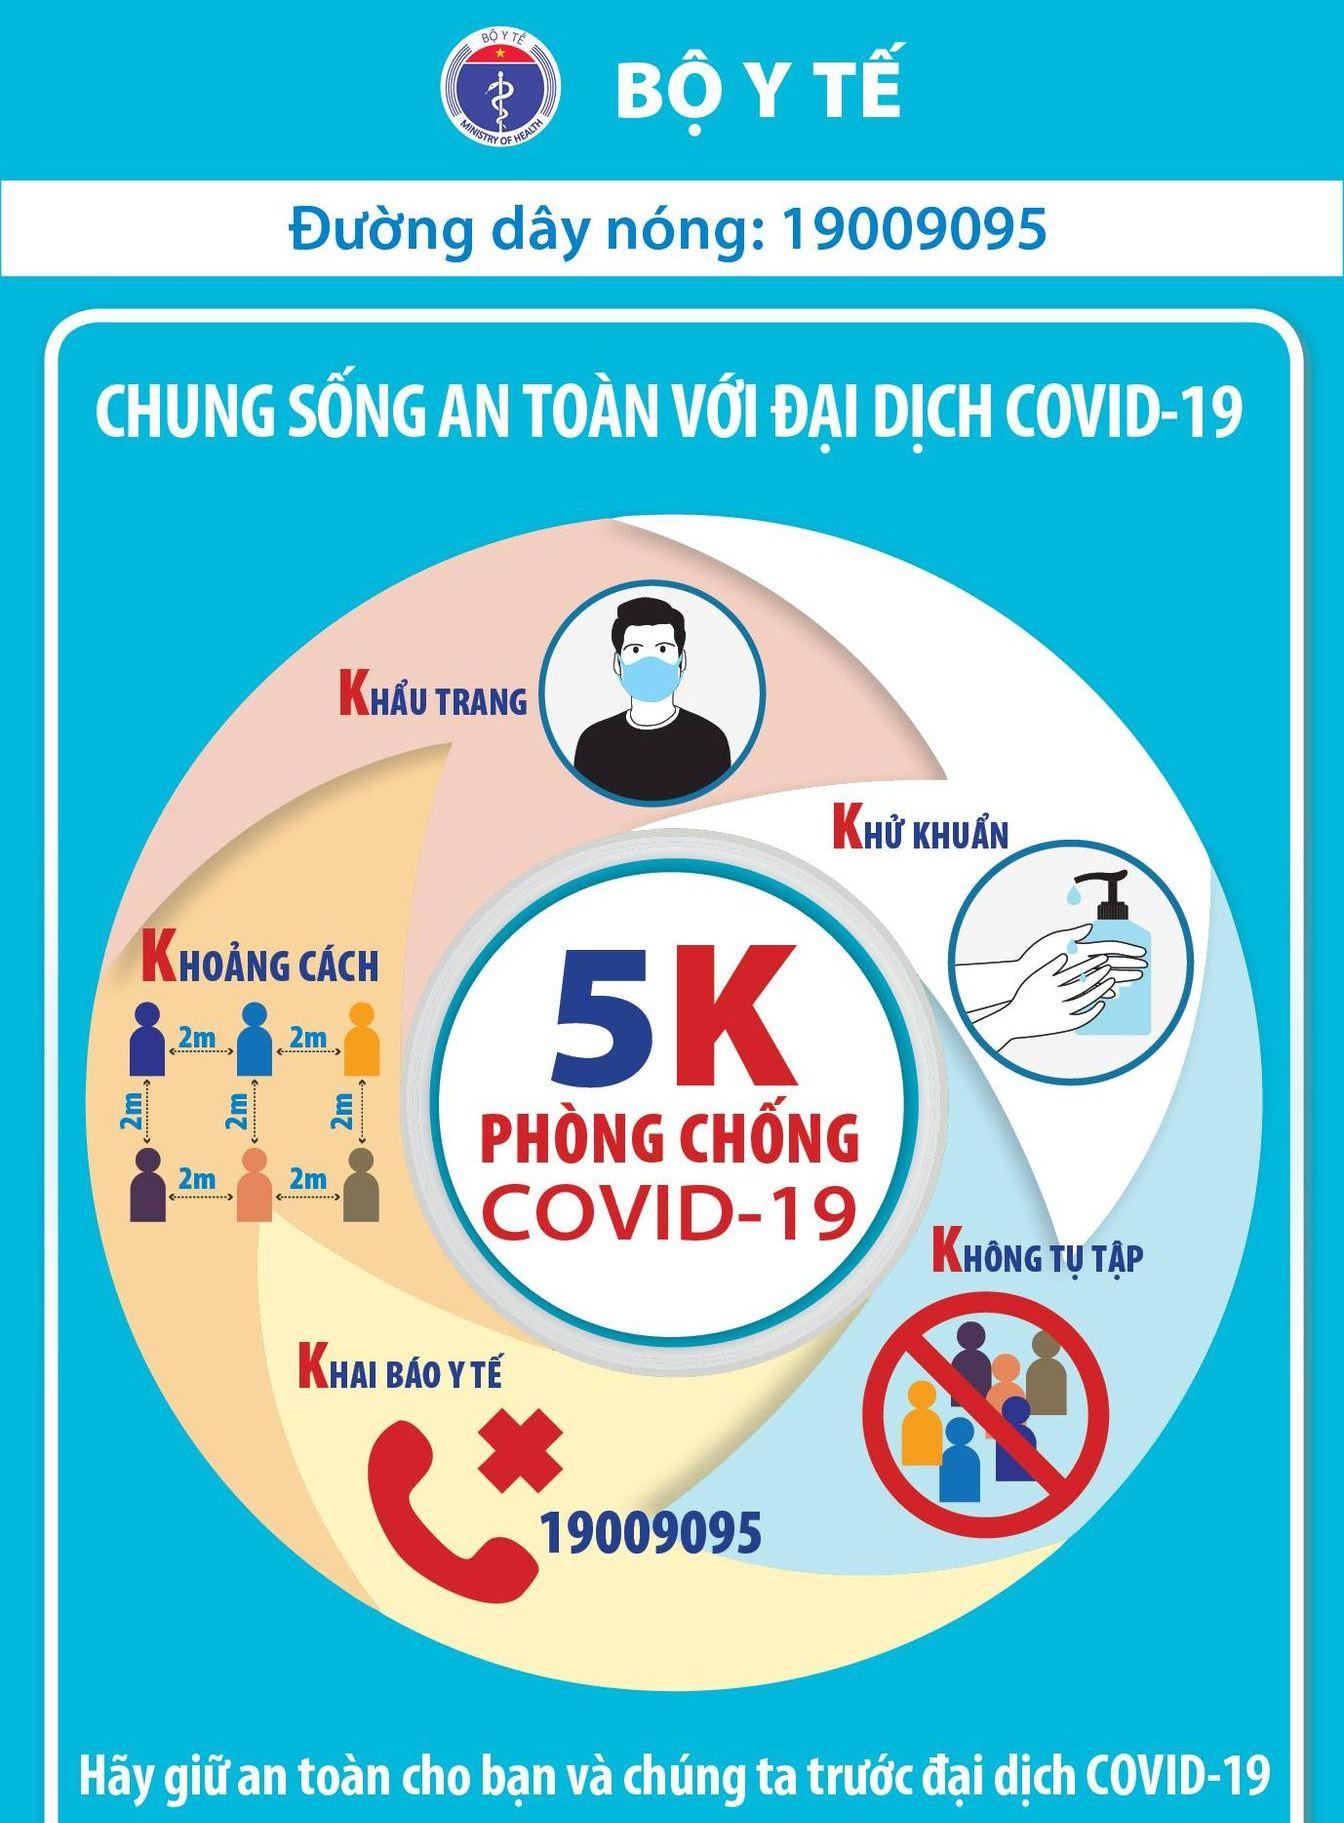 Chiều 12/6 có 104 ca Covid-19, dịch ở TP Hồ Chí Minh tiếp tục phức tạp - Ảnh 3.